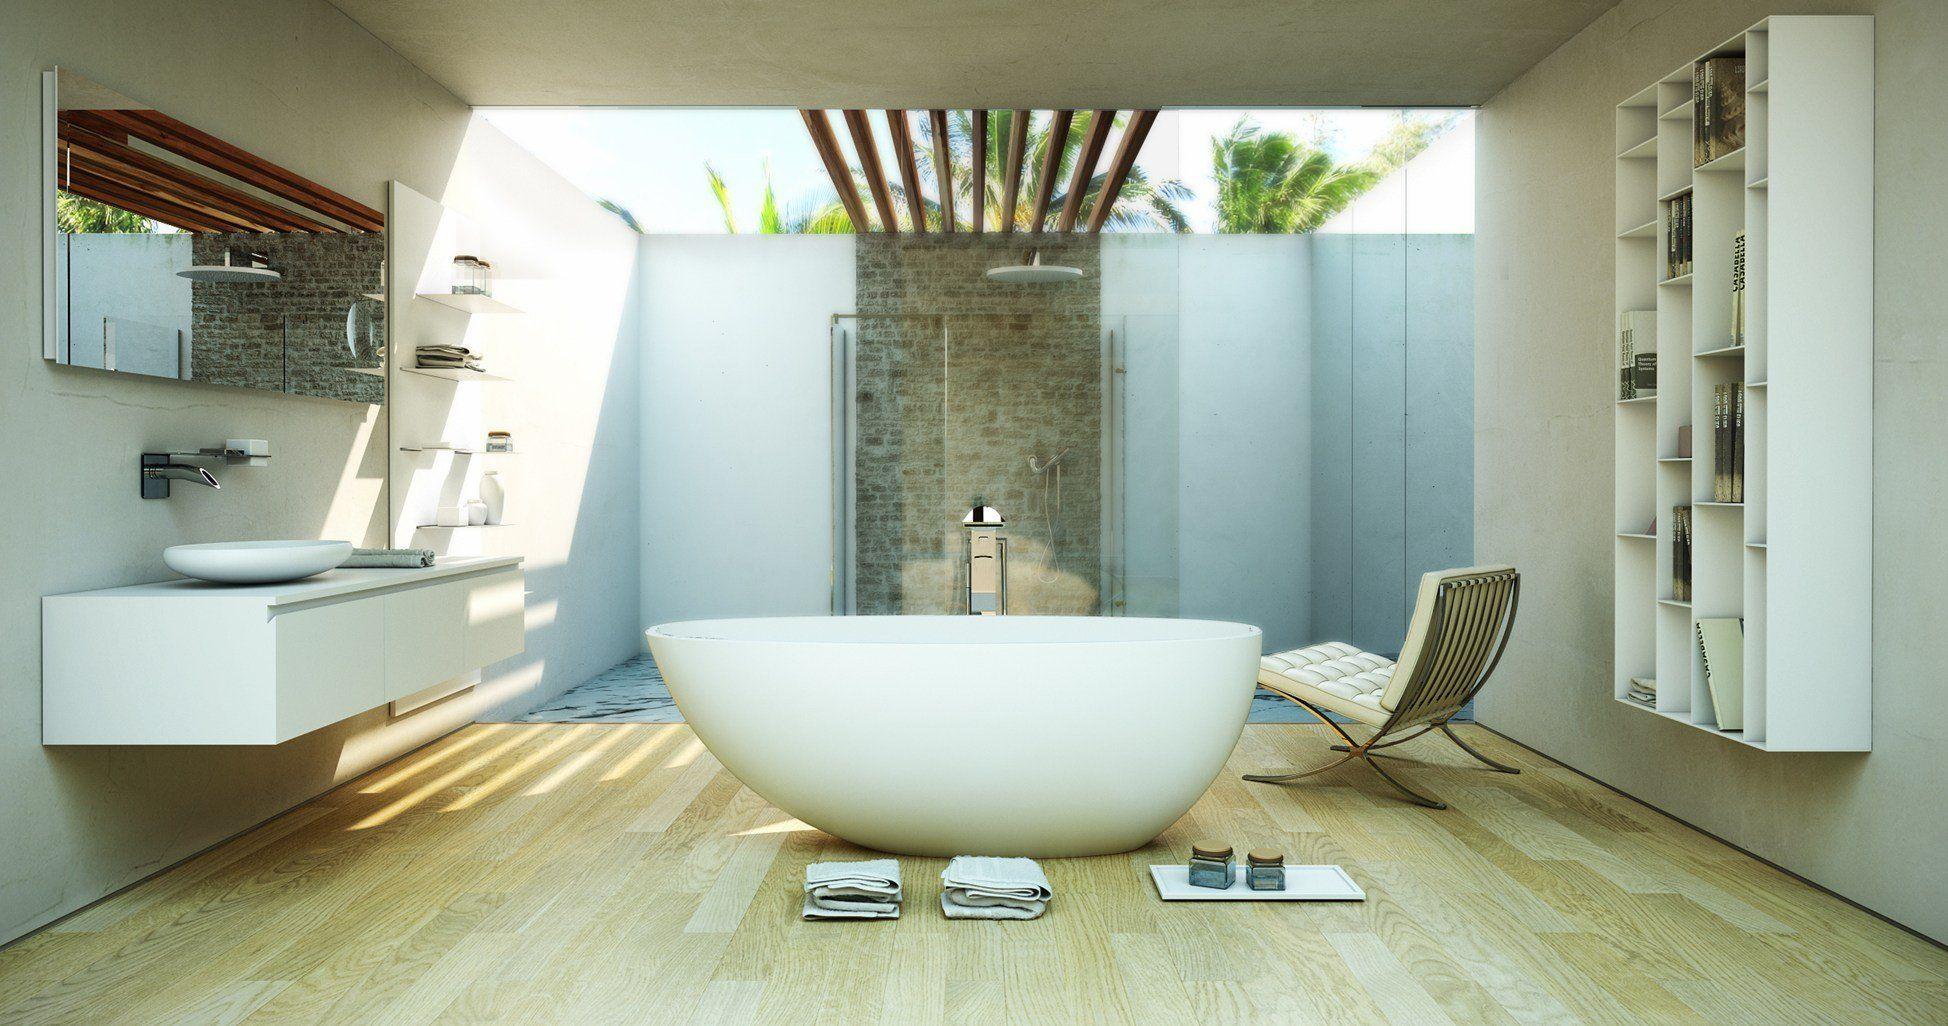 Nuove icone per il bagno polifunzionali e sensoriali - Badezimmermobel design ...